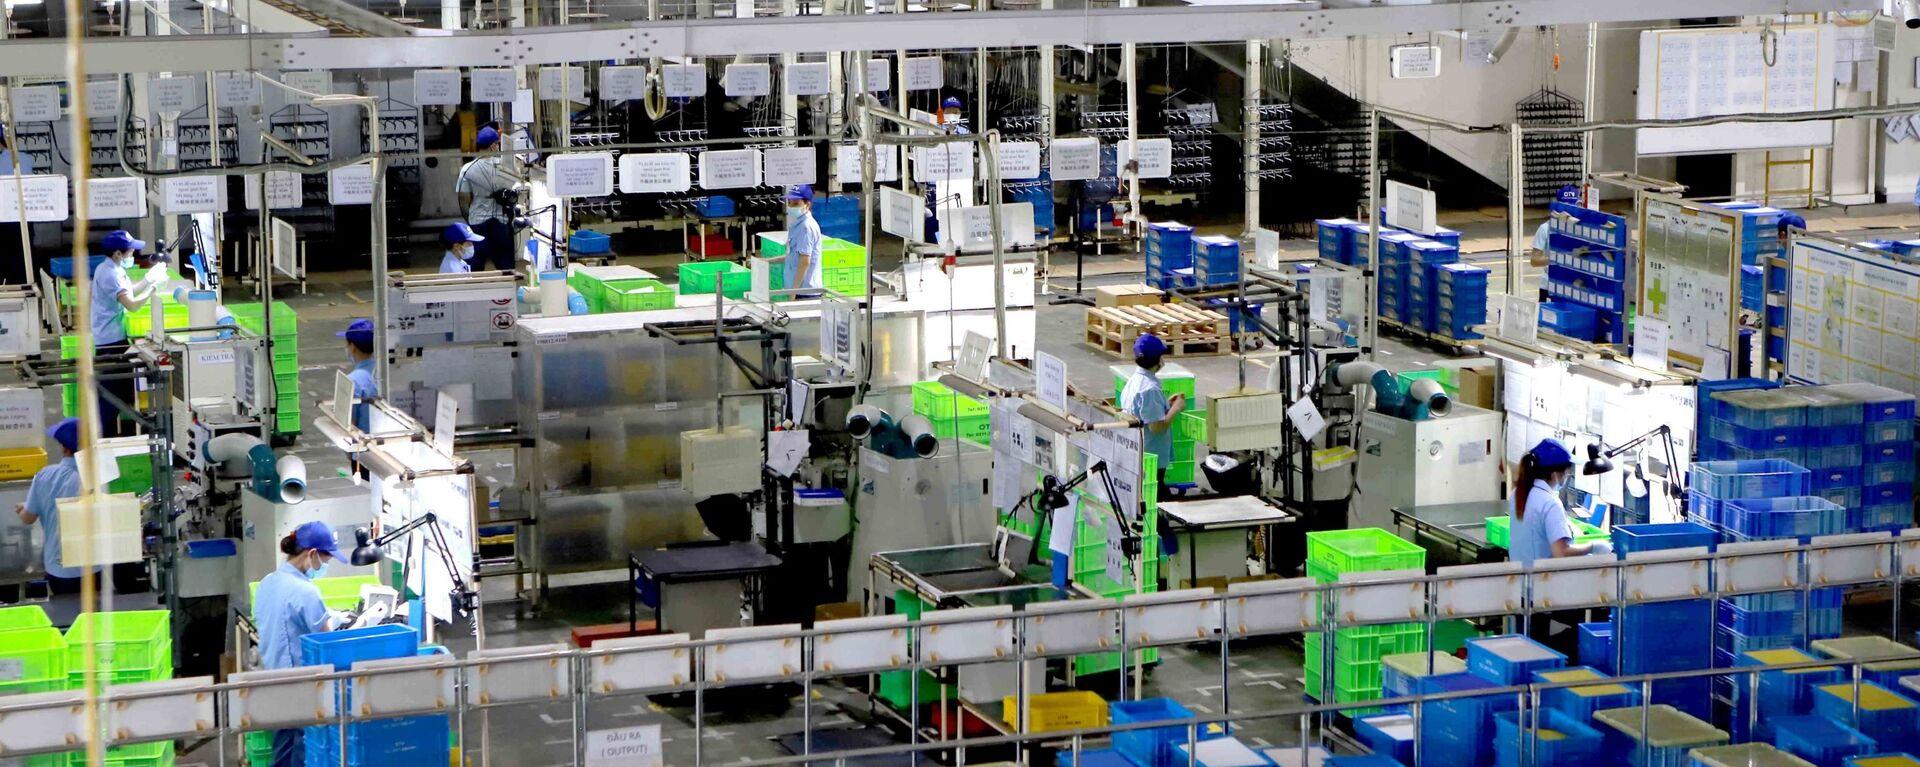 Dây chuyền sản xuất của Công ty Ohashi Tekko Việt Nam khu công nghiệp Bình Xuyên, Vĩnh Phúc. - Sputnik Việt Nam, 1920, 31.08.2021